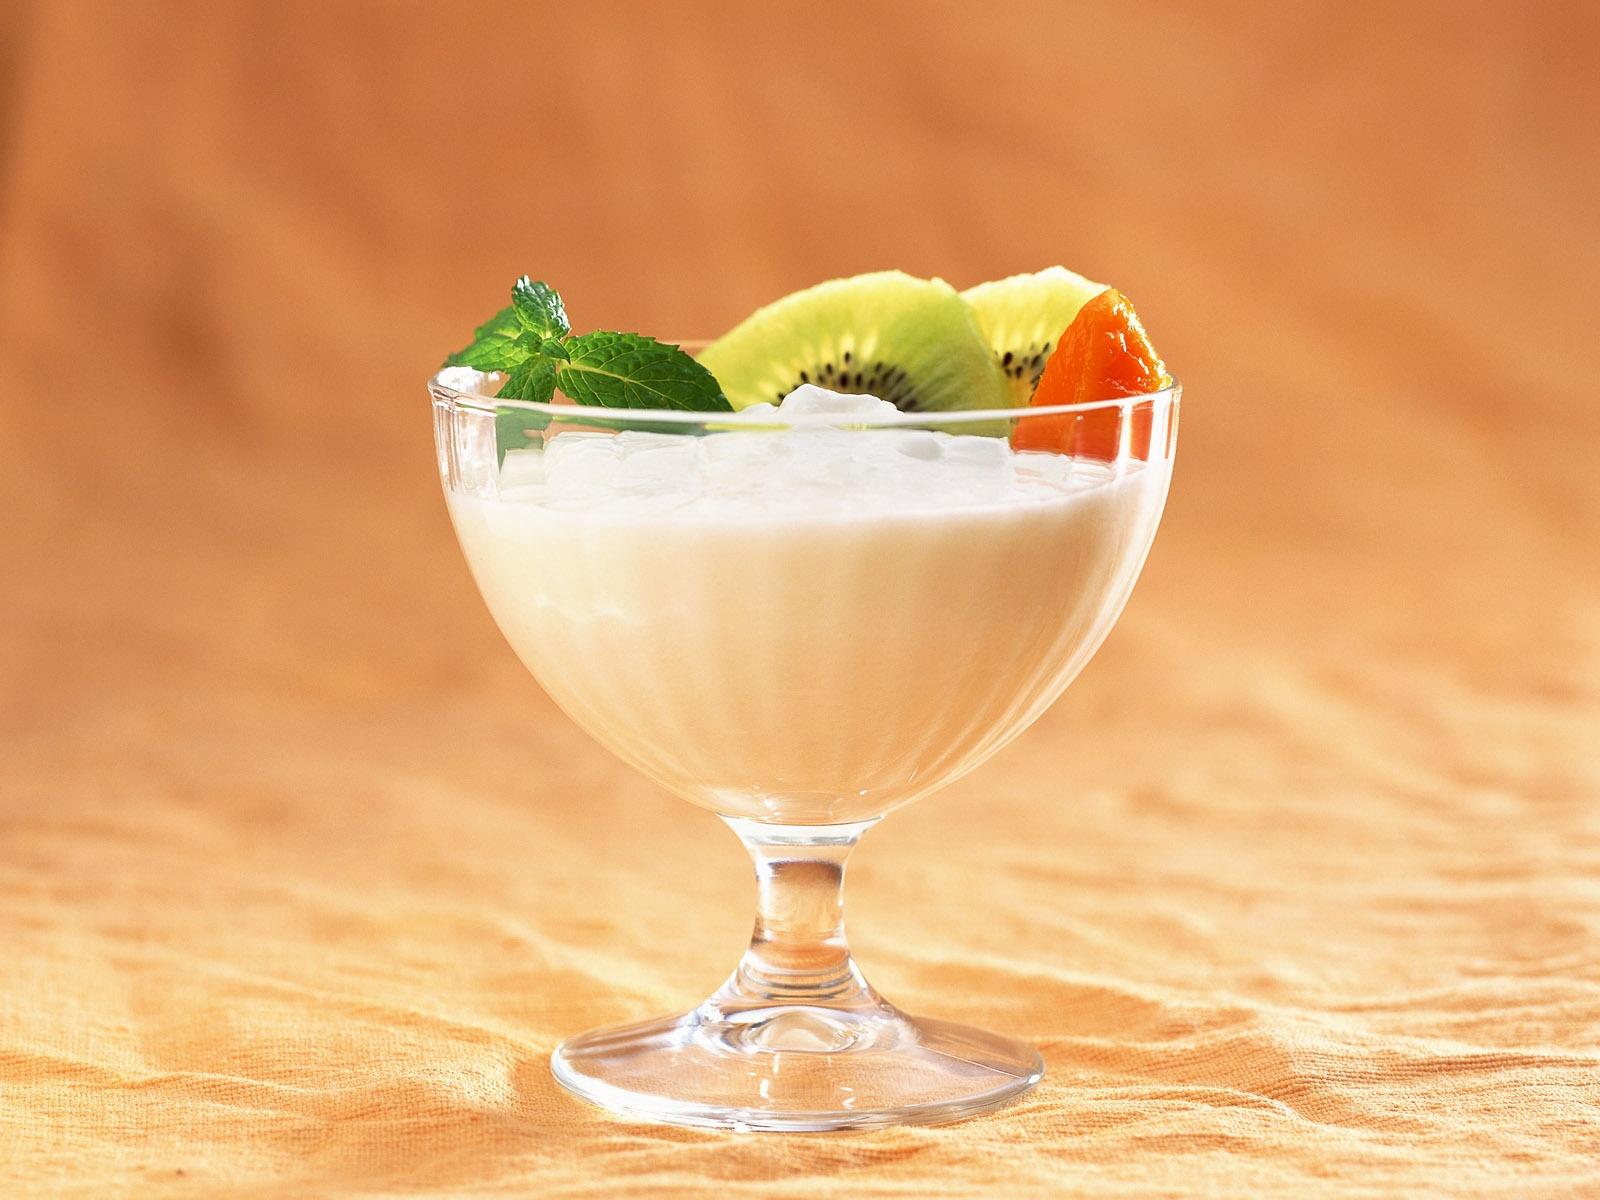 Как сделать коктейль из мороженого с киви